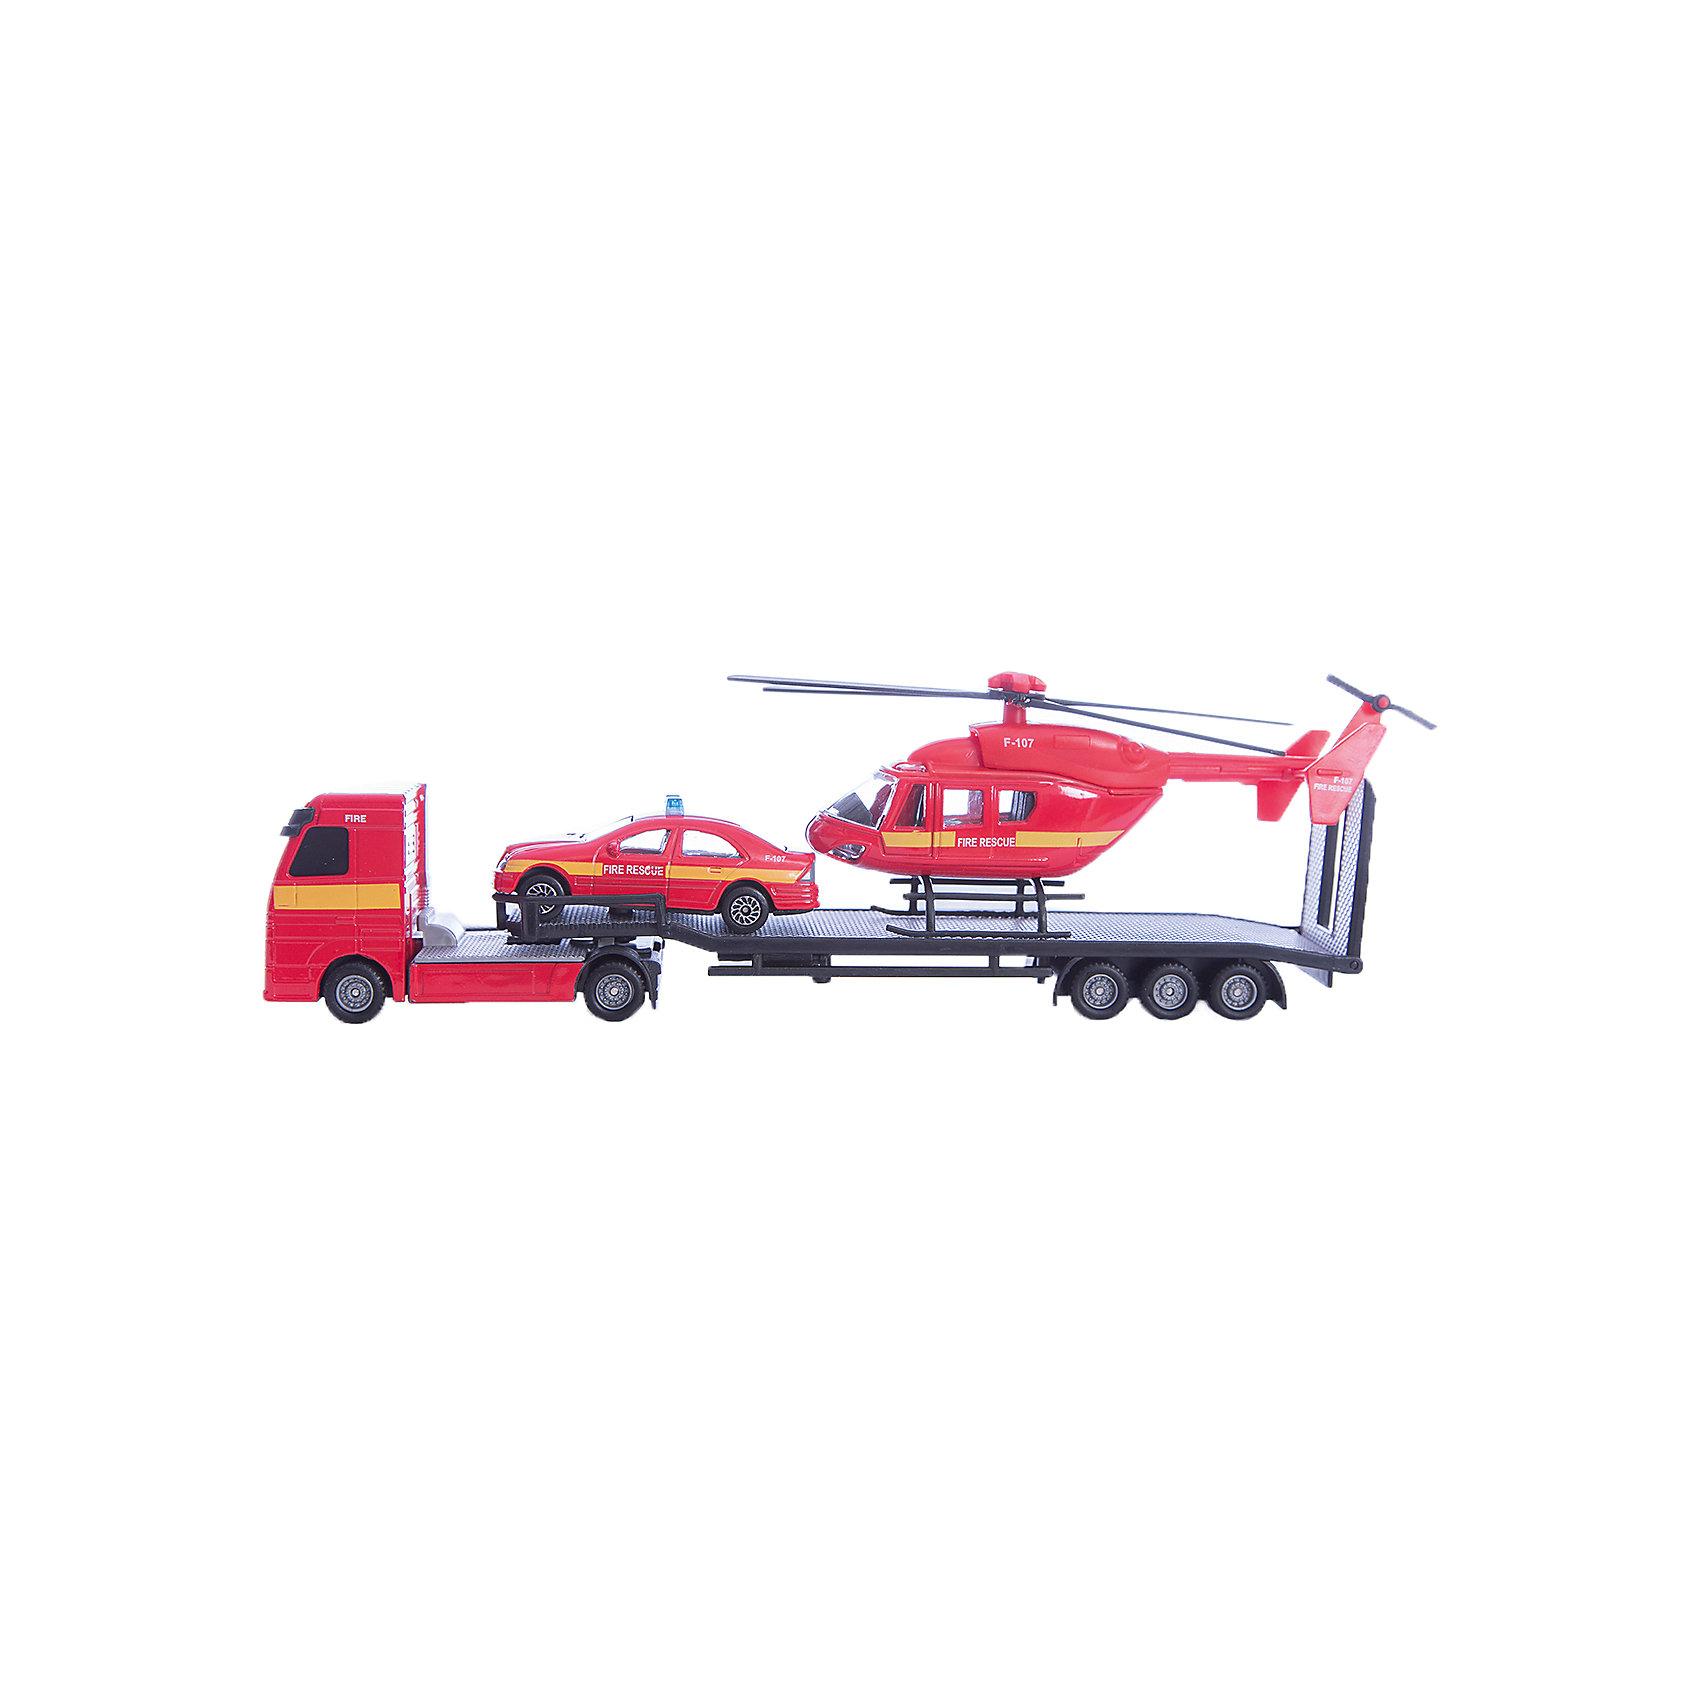 Перевозчик с машиной и вертолетом, HTl GrоuрИгра в машинки это не только прекрасное развлечение для мальчиков, но и способ развить моторику, опорно-двигательный аппарат, логическое мышление, координацию. Важно, чтобы игрушки были безопасны для малышей, качественно выполнены, чтобы не сломаться в первый же день и не вызвать слез и досады у ребенка. <br>Всем этим требованиям отвечают машинки компании HTI. Высокие европейские стандарты залог высокого качества. <br>Игровой набор «Транспортер строительной техники» это мини-копия грузовика, который везет в своем прицепе 2 маленьких трактора. Высокая степень детализации сделает игру интереснее, а яркий цвет поможет развить цветовое восприятие. <br><br>Дополнительная информация:<br><br>Комплект: перевозчик, легковой автомобиль, вертолет.<br>Материал: пластик.<br><br>Перевозчик с машиной и вертолетом, HTl Grоuр можно купить в нашем магазине.<br><br>Ширина мм: 29<br>Глубина мм: 5<br>Высота мм: 9<br>Вес г: 170<br>Возраст от месяцев: 36<br>Возраст до месяцев: 96<br>Пол: Мужской<br>Возраст: Детский<br>SKU: 4574042